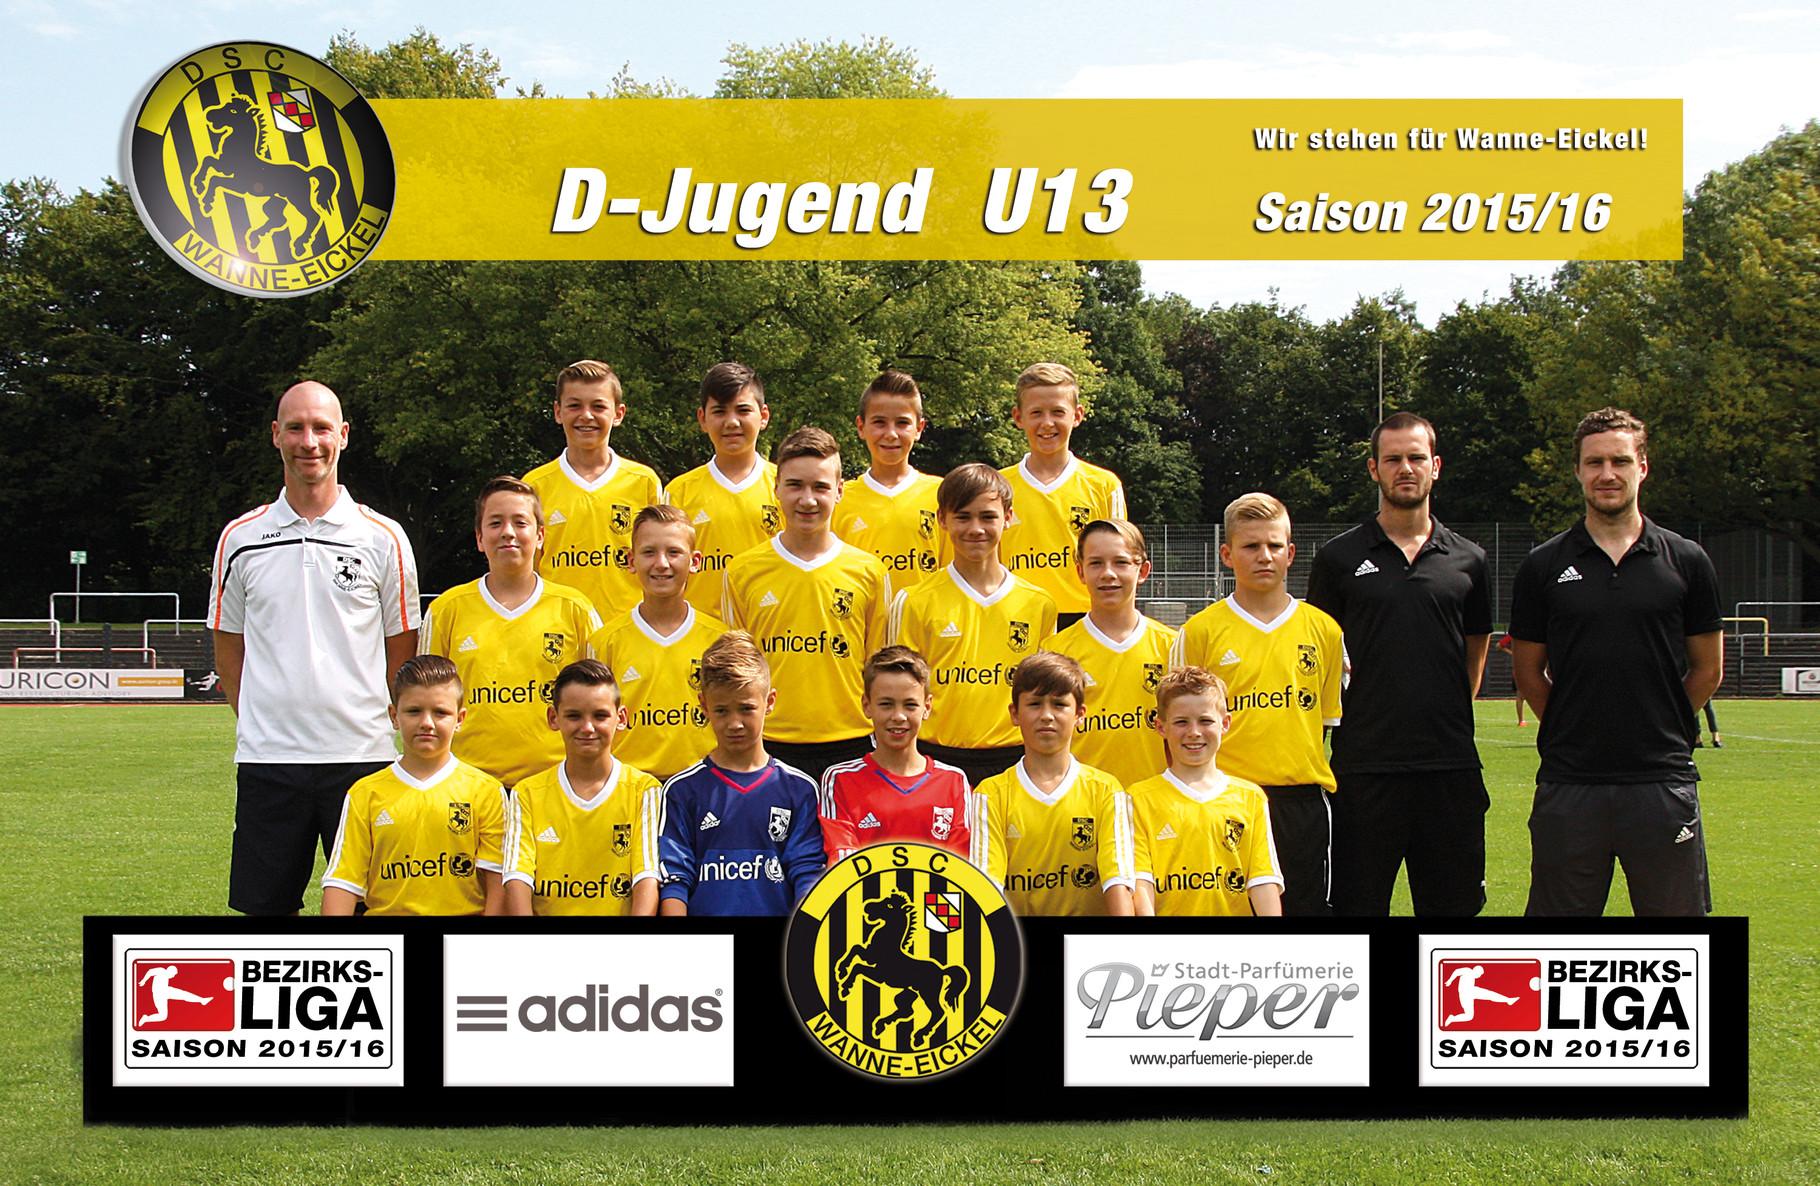 DSC Wanne-Eickel U13